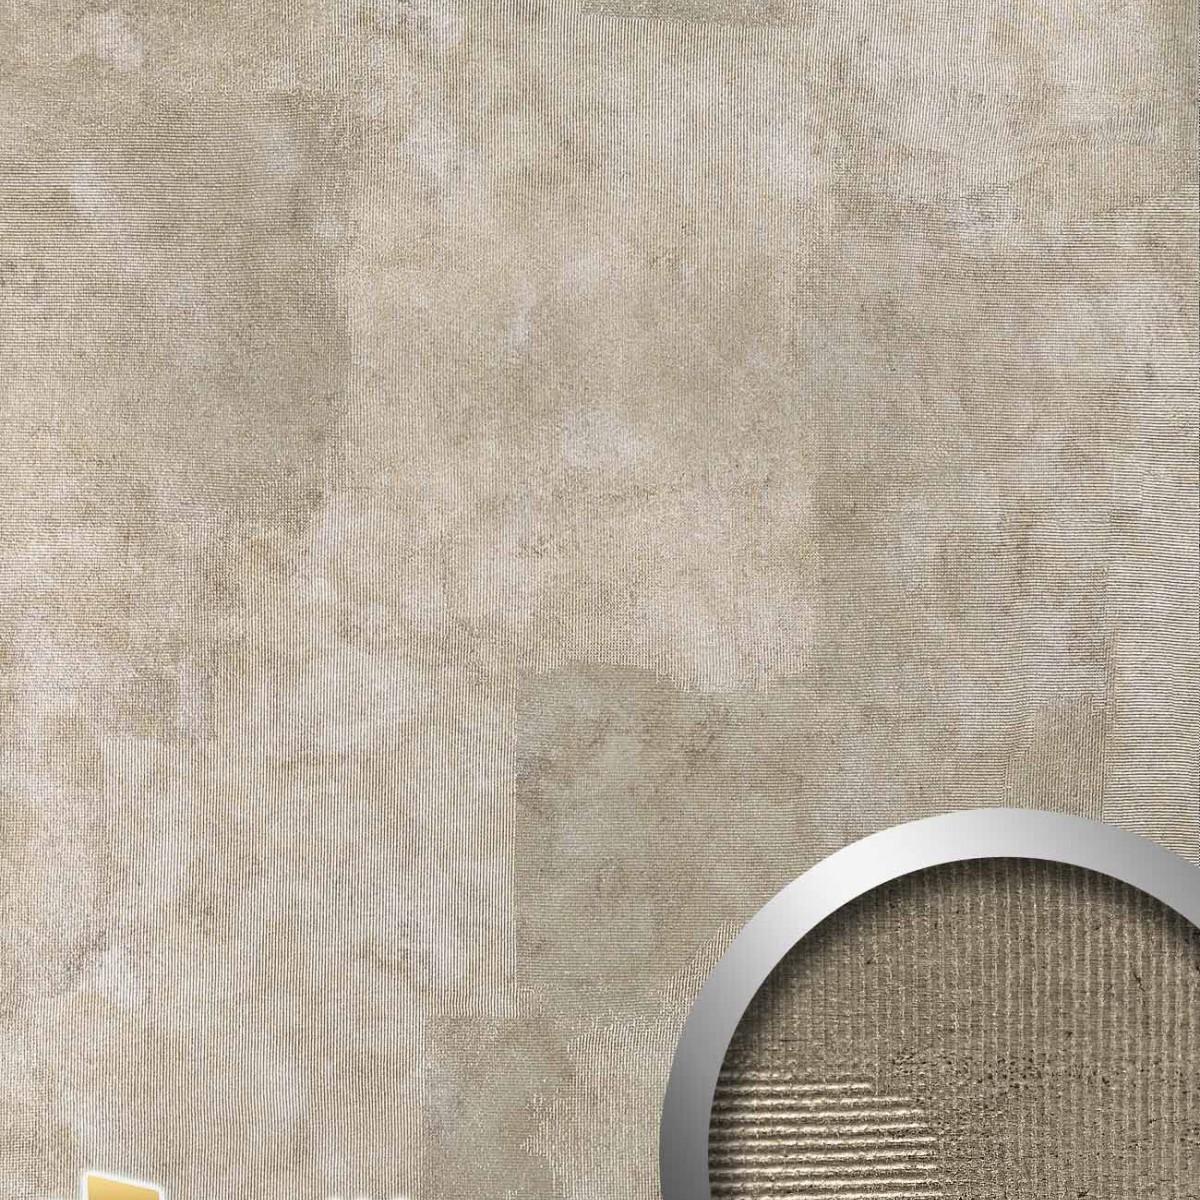 Panou decorativ STRUCTURE 18581, WallFace, autocolant